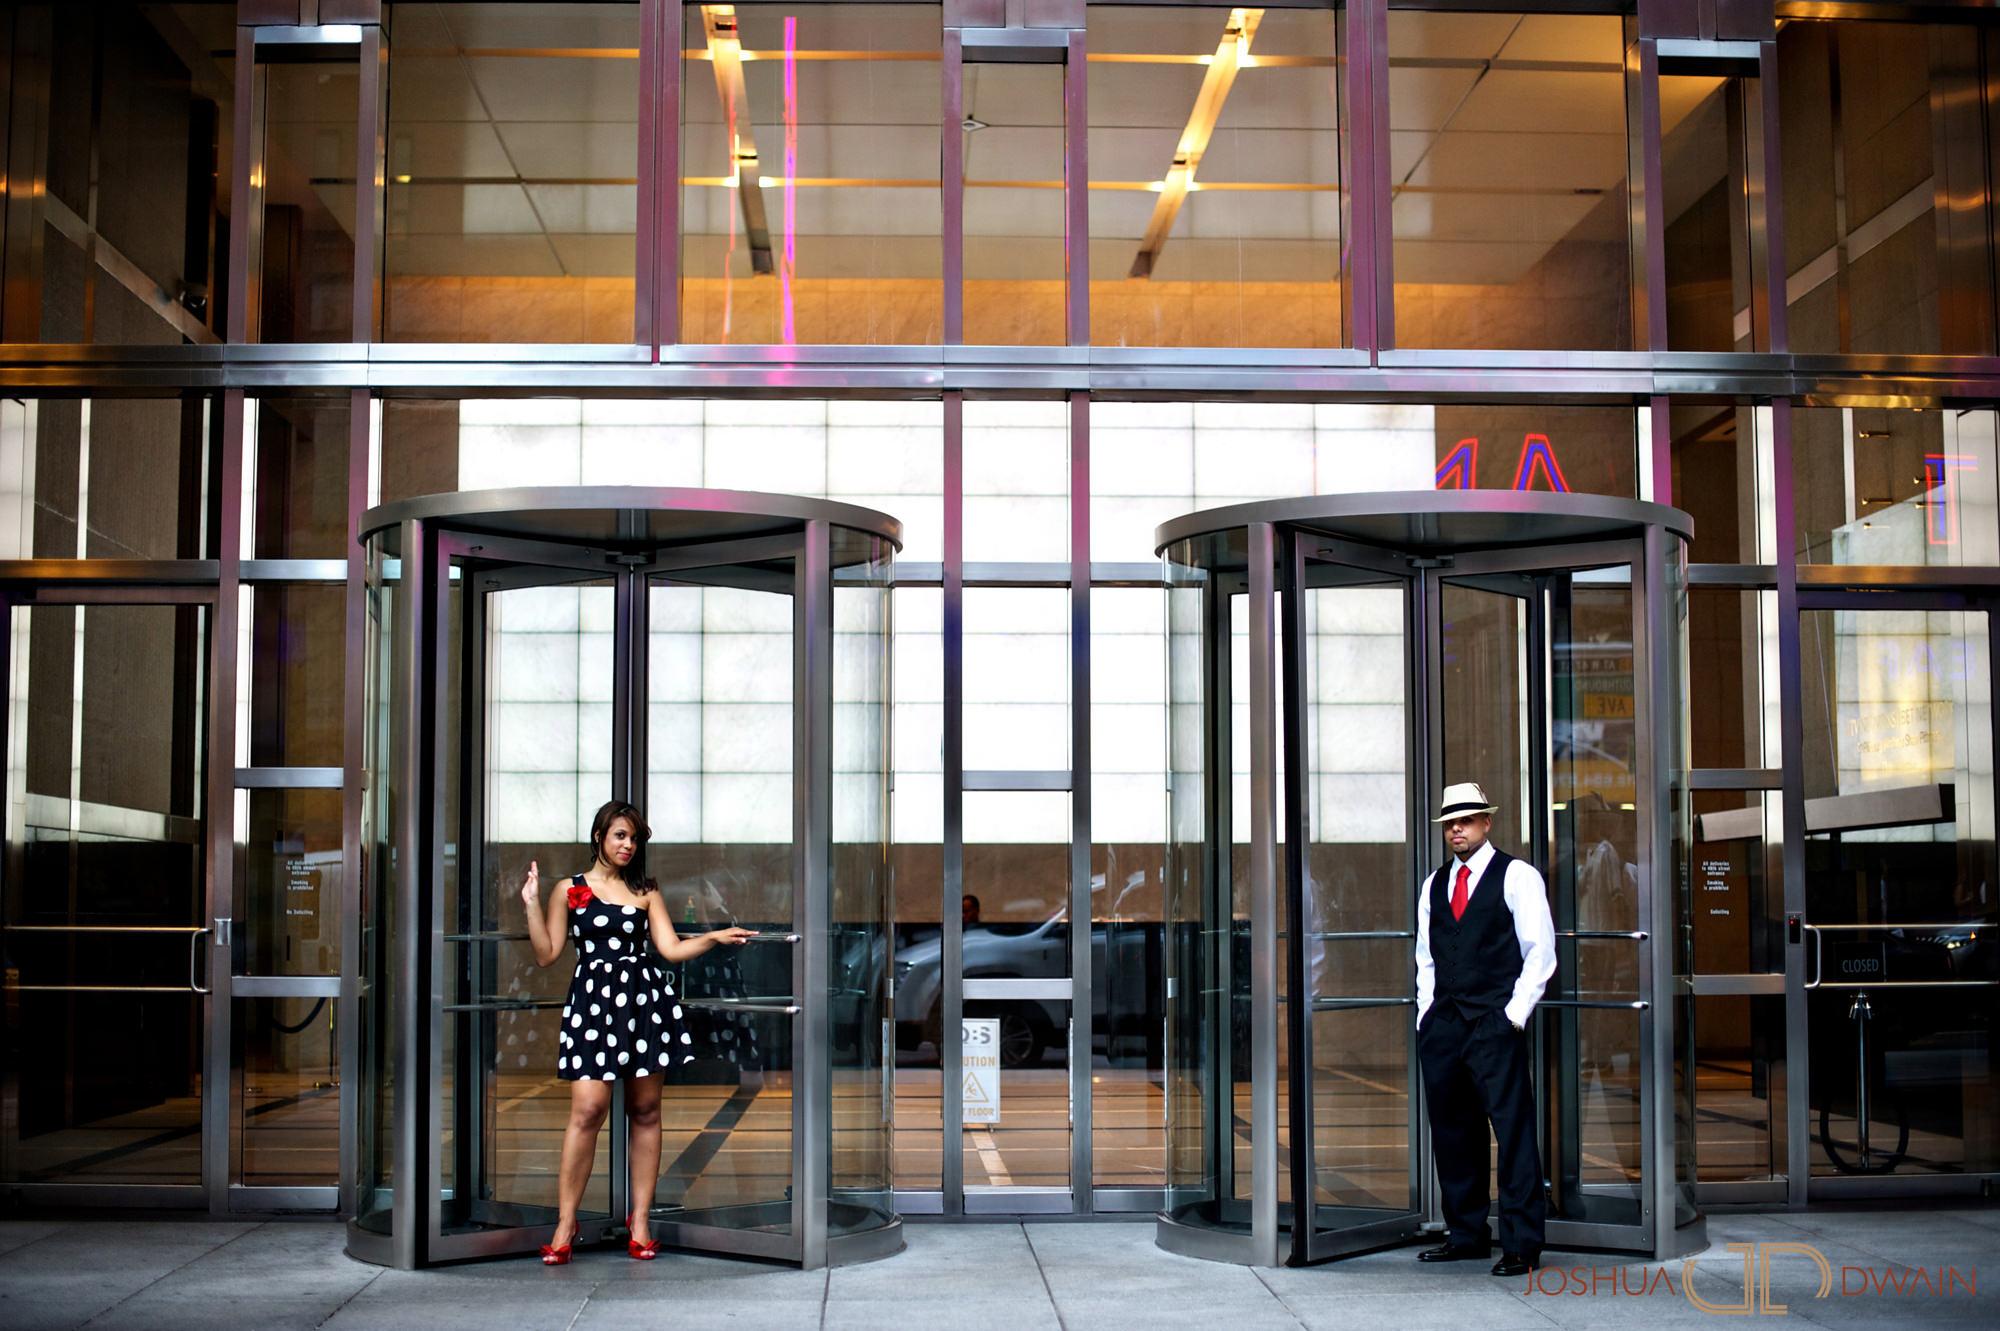 carolina-hector-017-battery-park-citynew-york-ny-engagement-photographer-joshua-dwain-20100724_ch_307